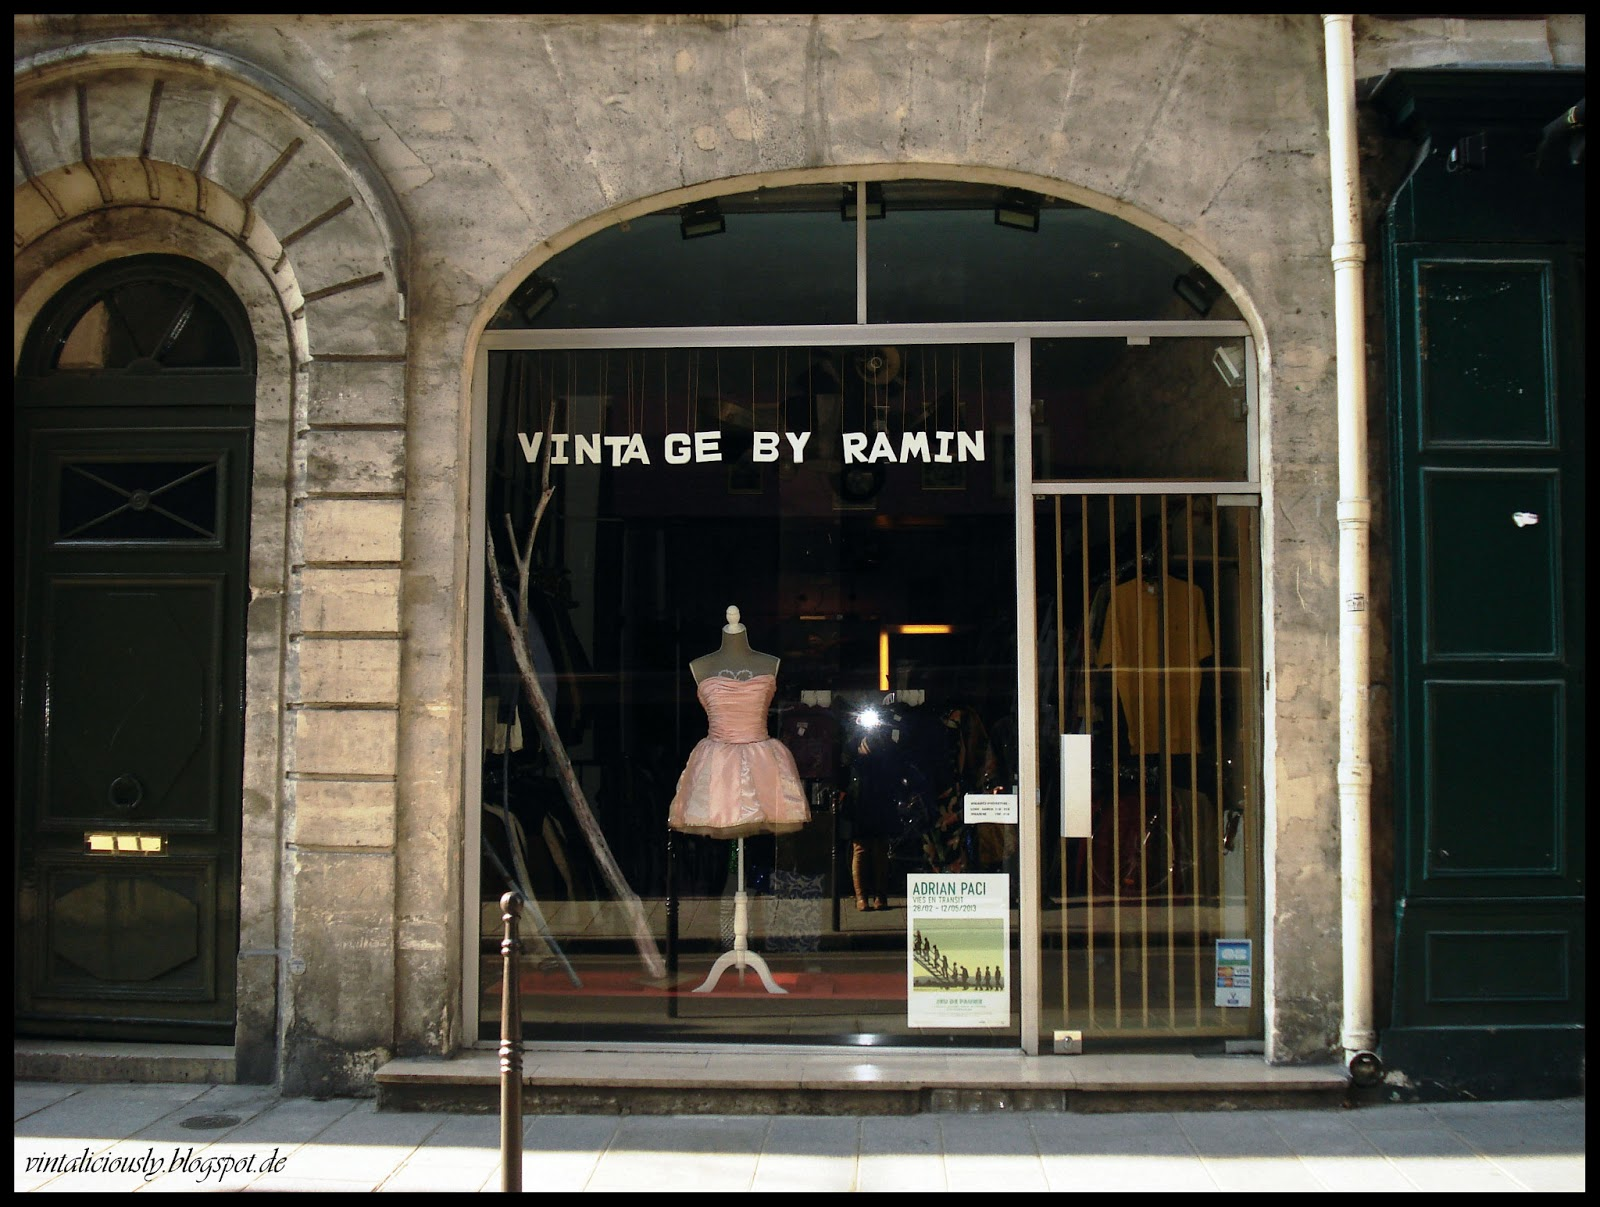 Paris vintage by ramin vintaliciously vintage blog for Retro shop paris